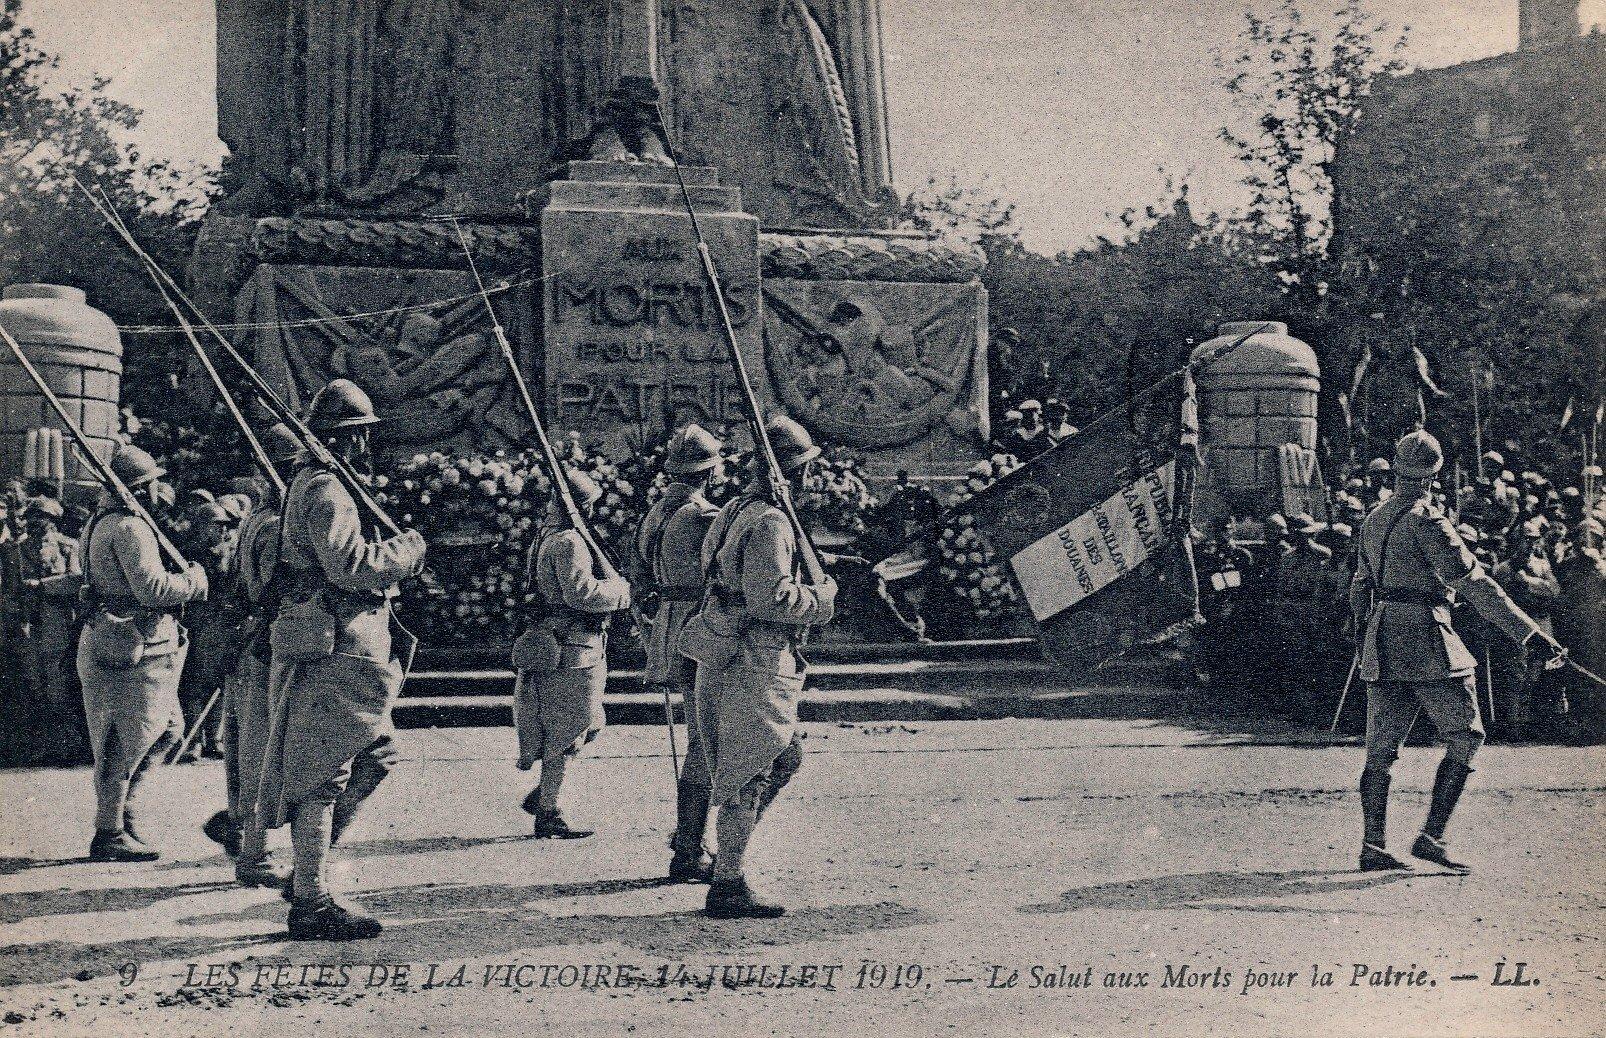 #14juillet2016 C'était comment en 1919 ? Nous sommes le 14 juillet 1919 - Place de l'Etoile à Paris #vintage https://t.co/bY4QohOQMl